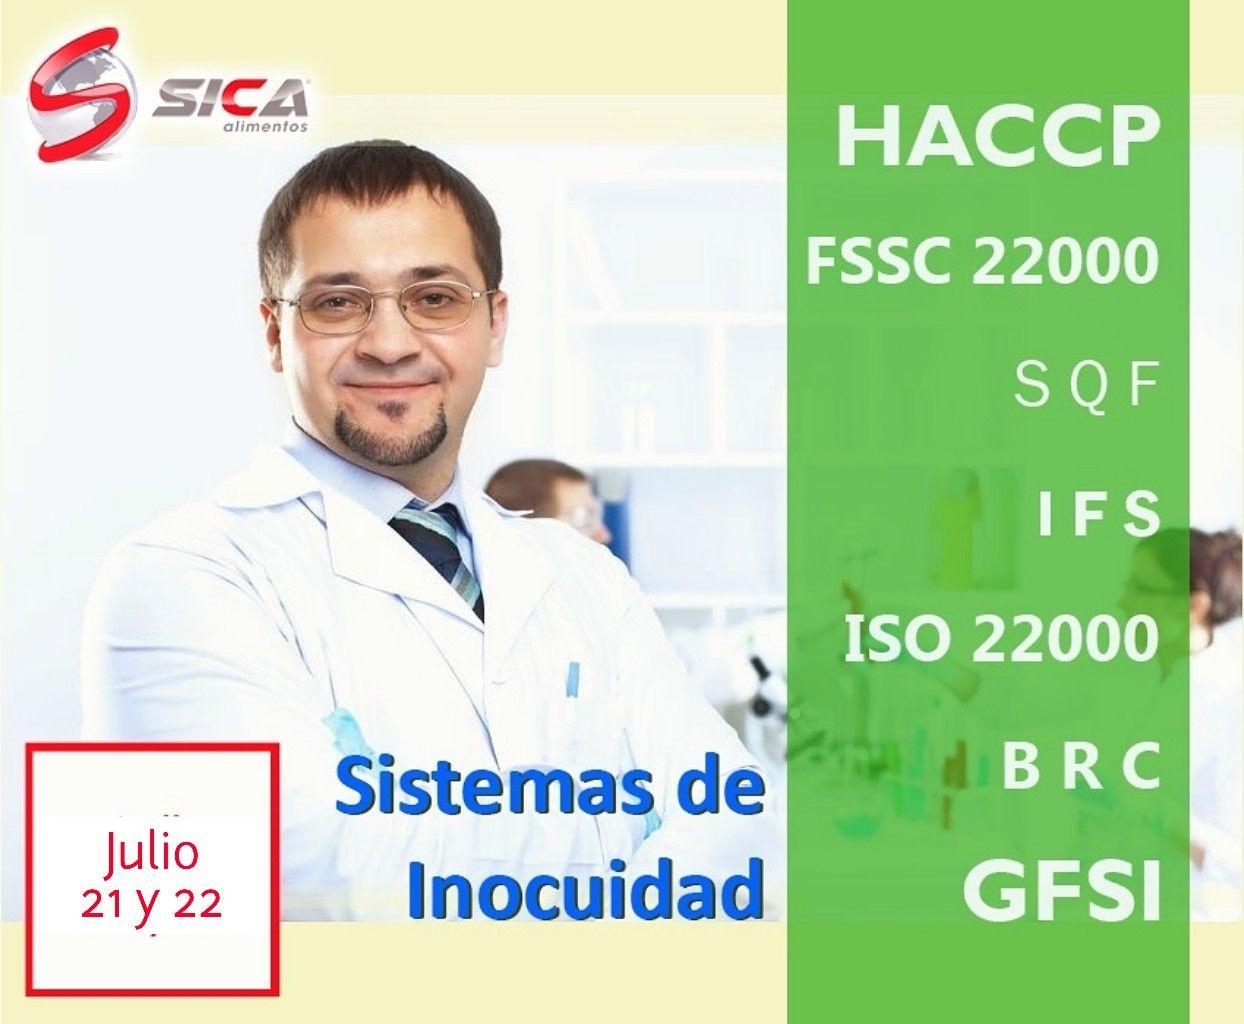 #AGENDA este 21 y 22 de Julio Curso Sistemas de Inocuidad en Cd de México, organiza SICA Alimentos mas eventos en: http://ow.ly/C8Y030do0Hb